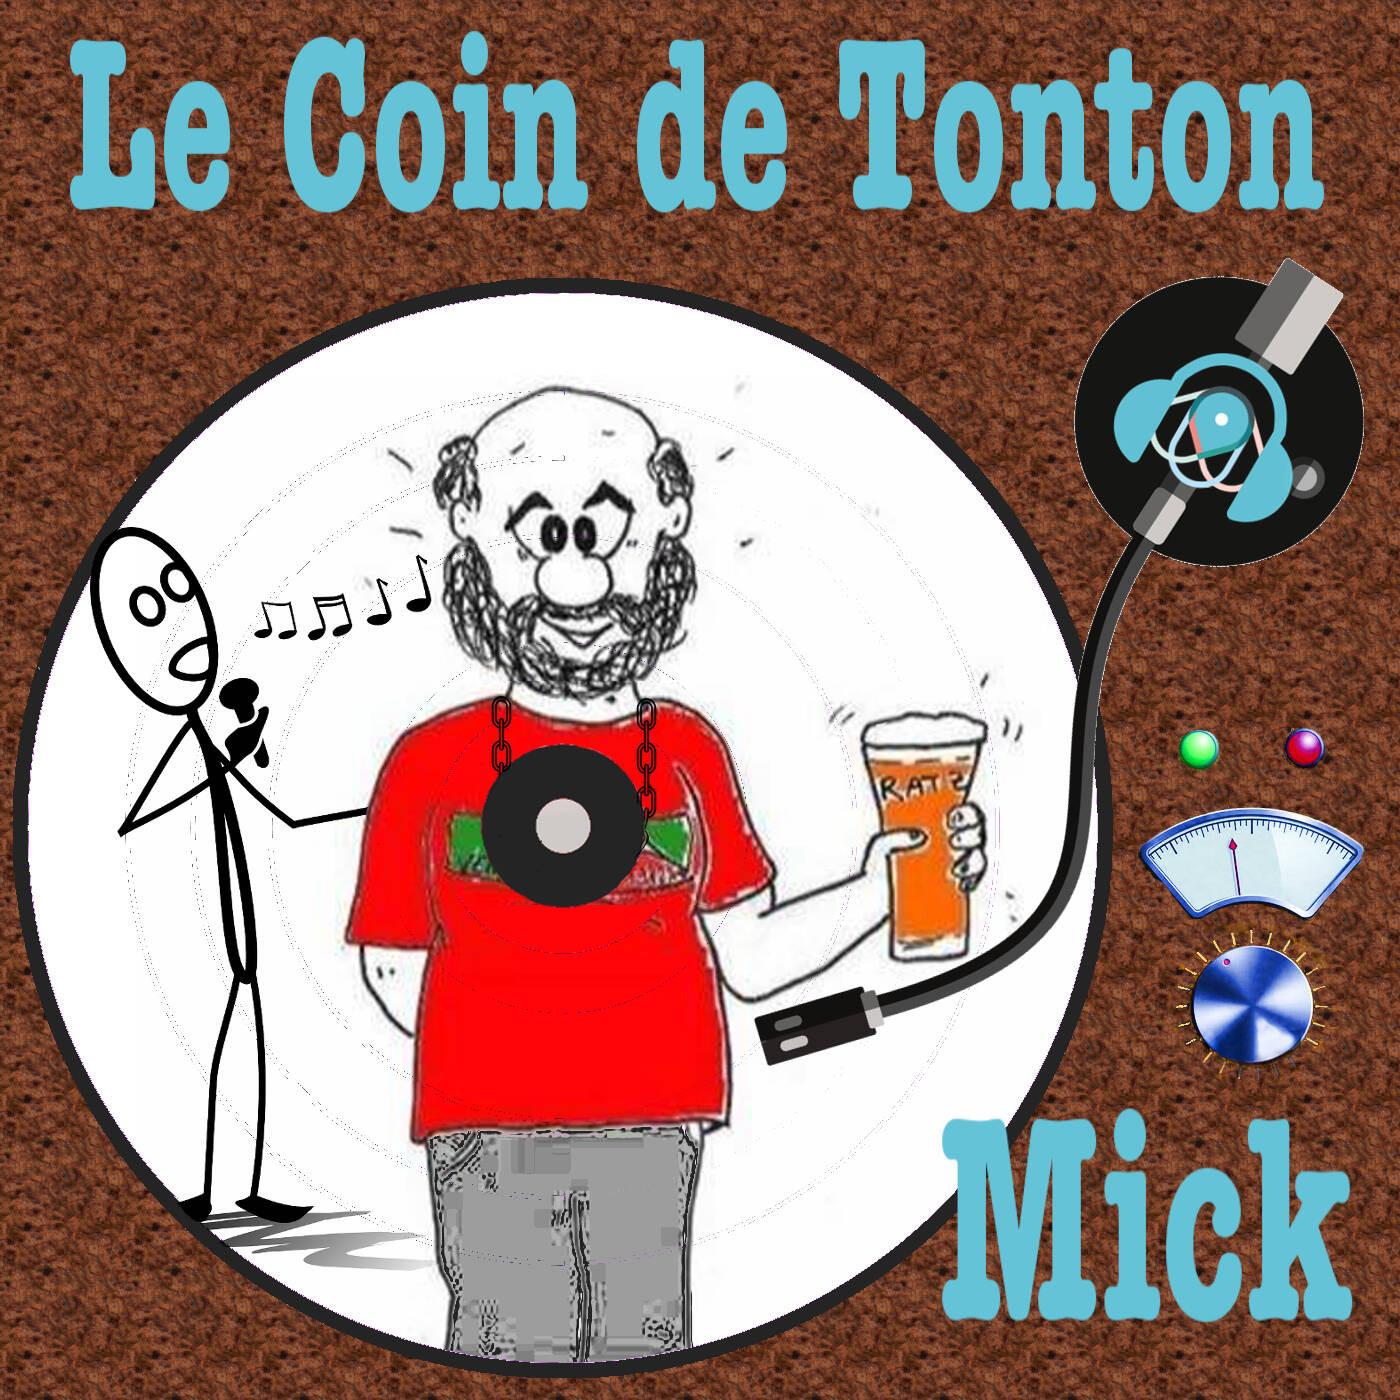 LE COIN DE TONTON MICK S1E1 - L'Album du mois - Les Idiots